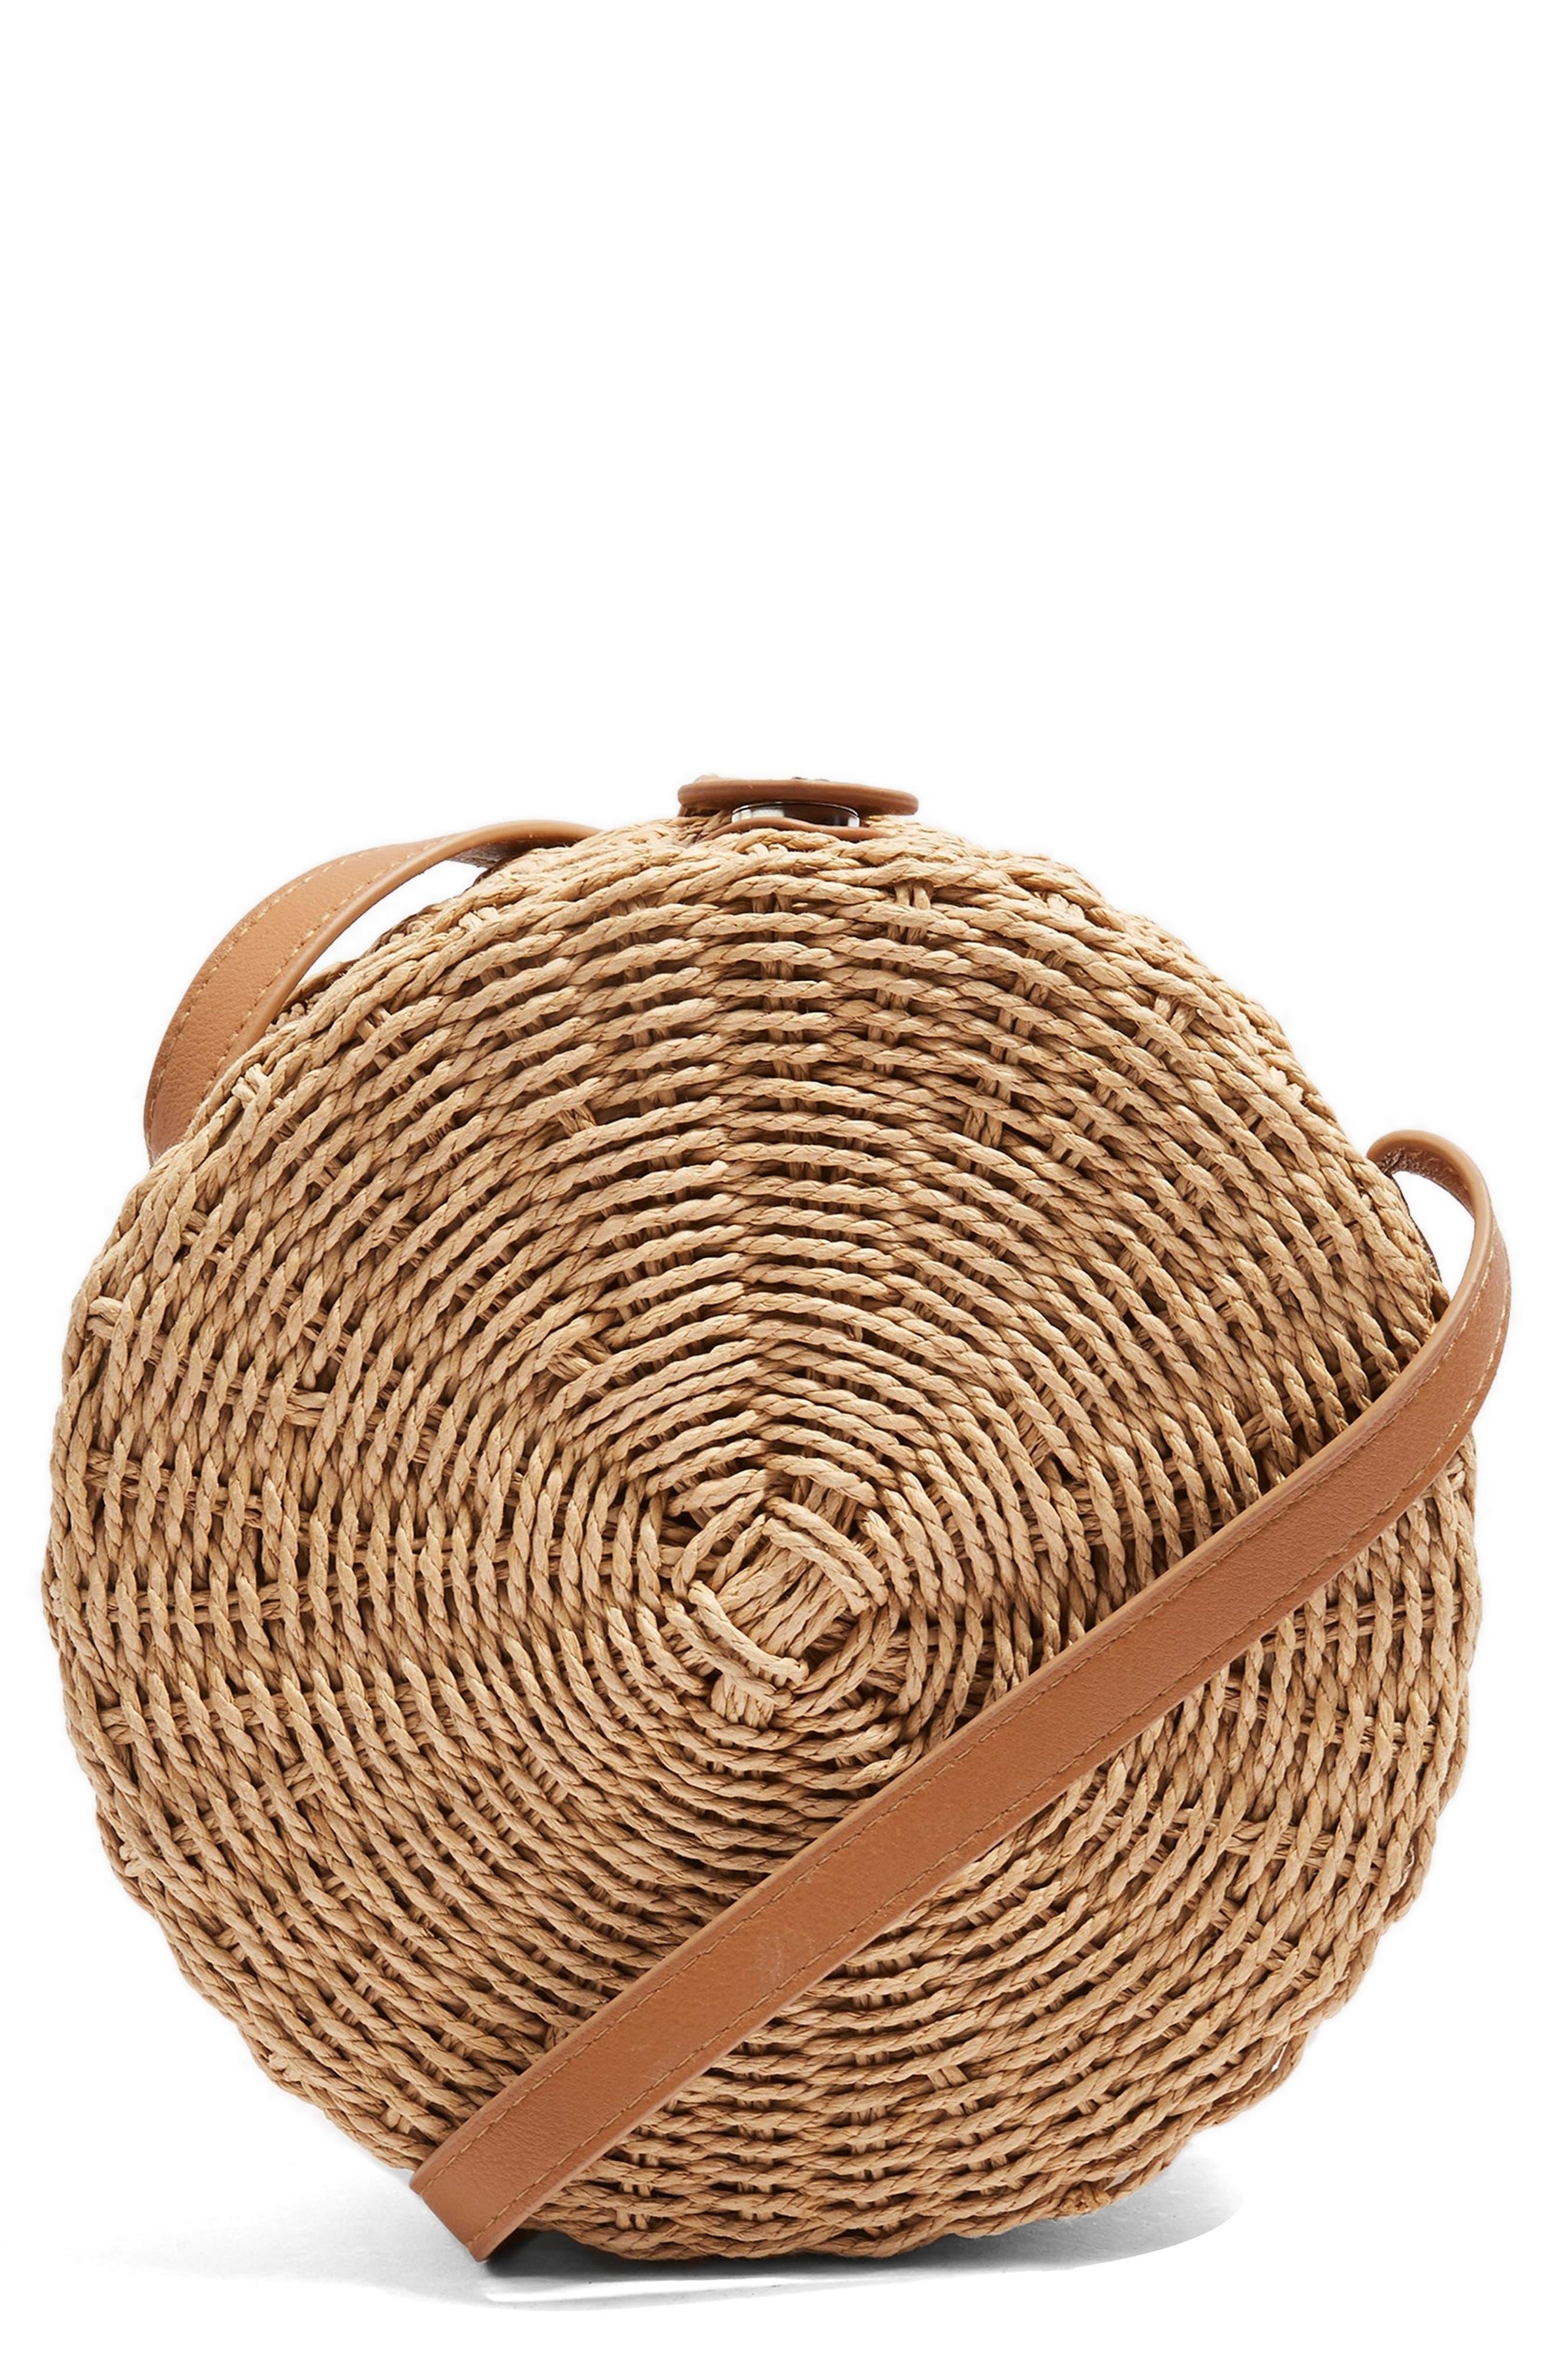 Barbar Straw Crossbody Bag,                             Main thumbnail 2, color,